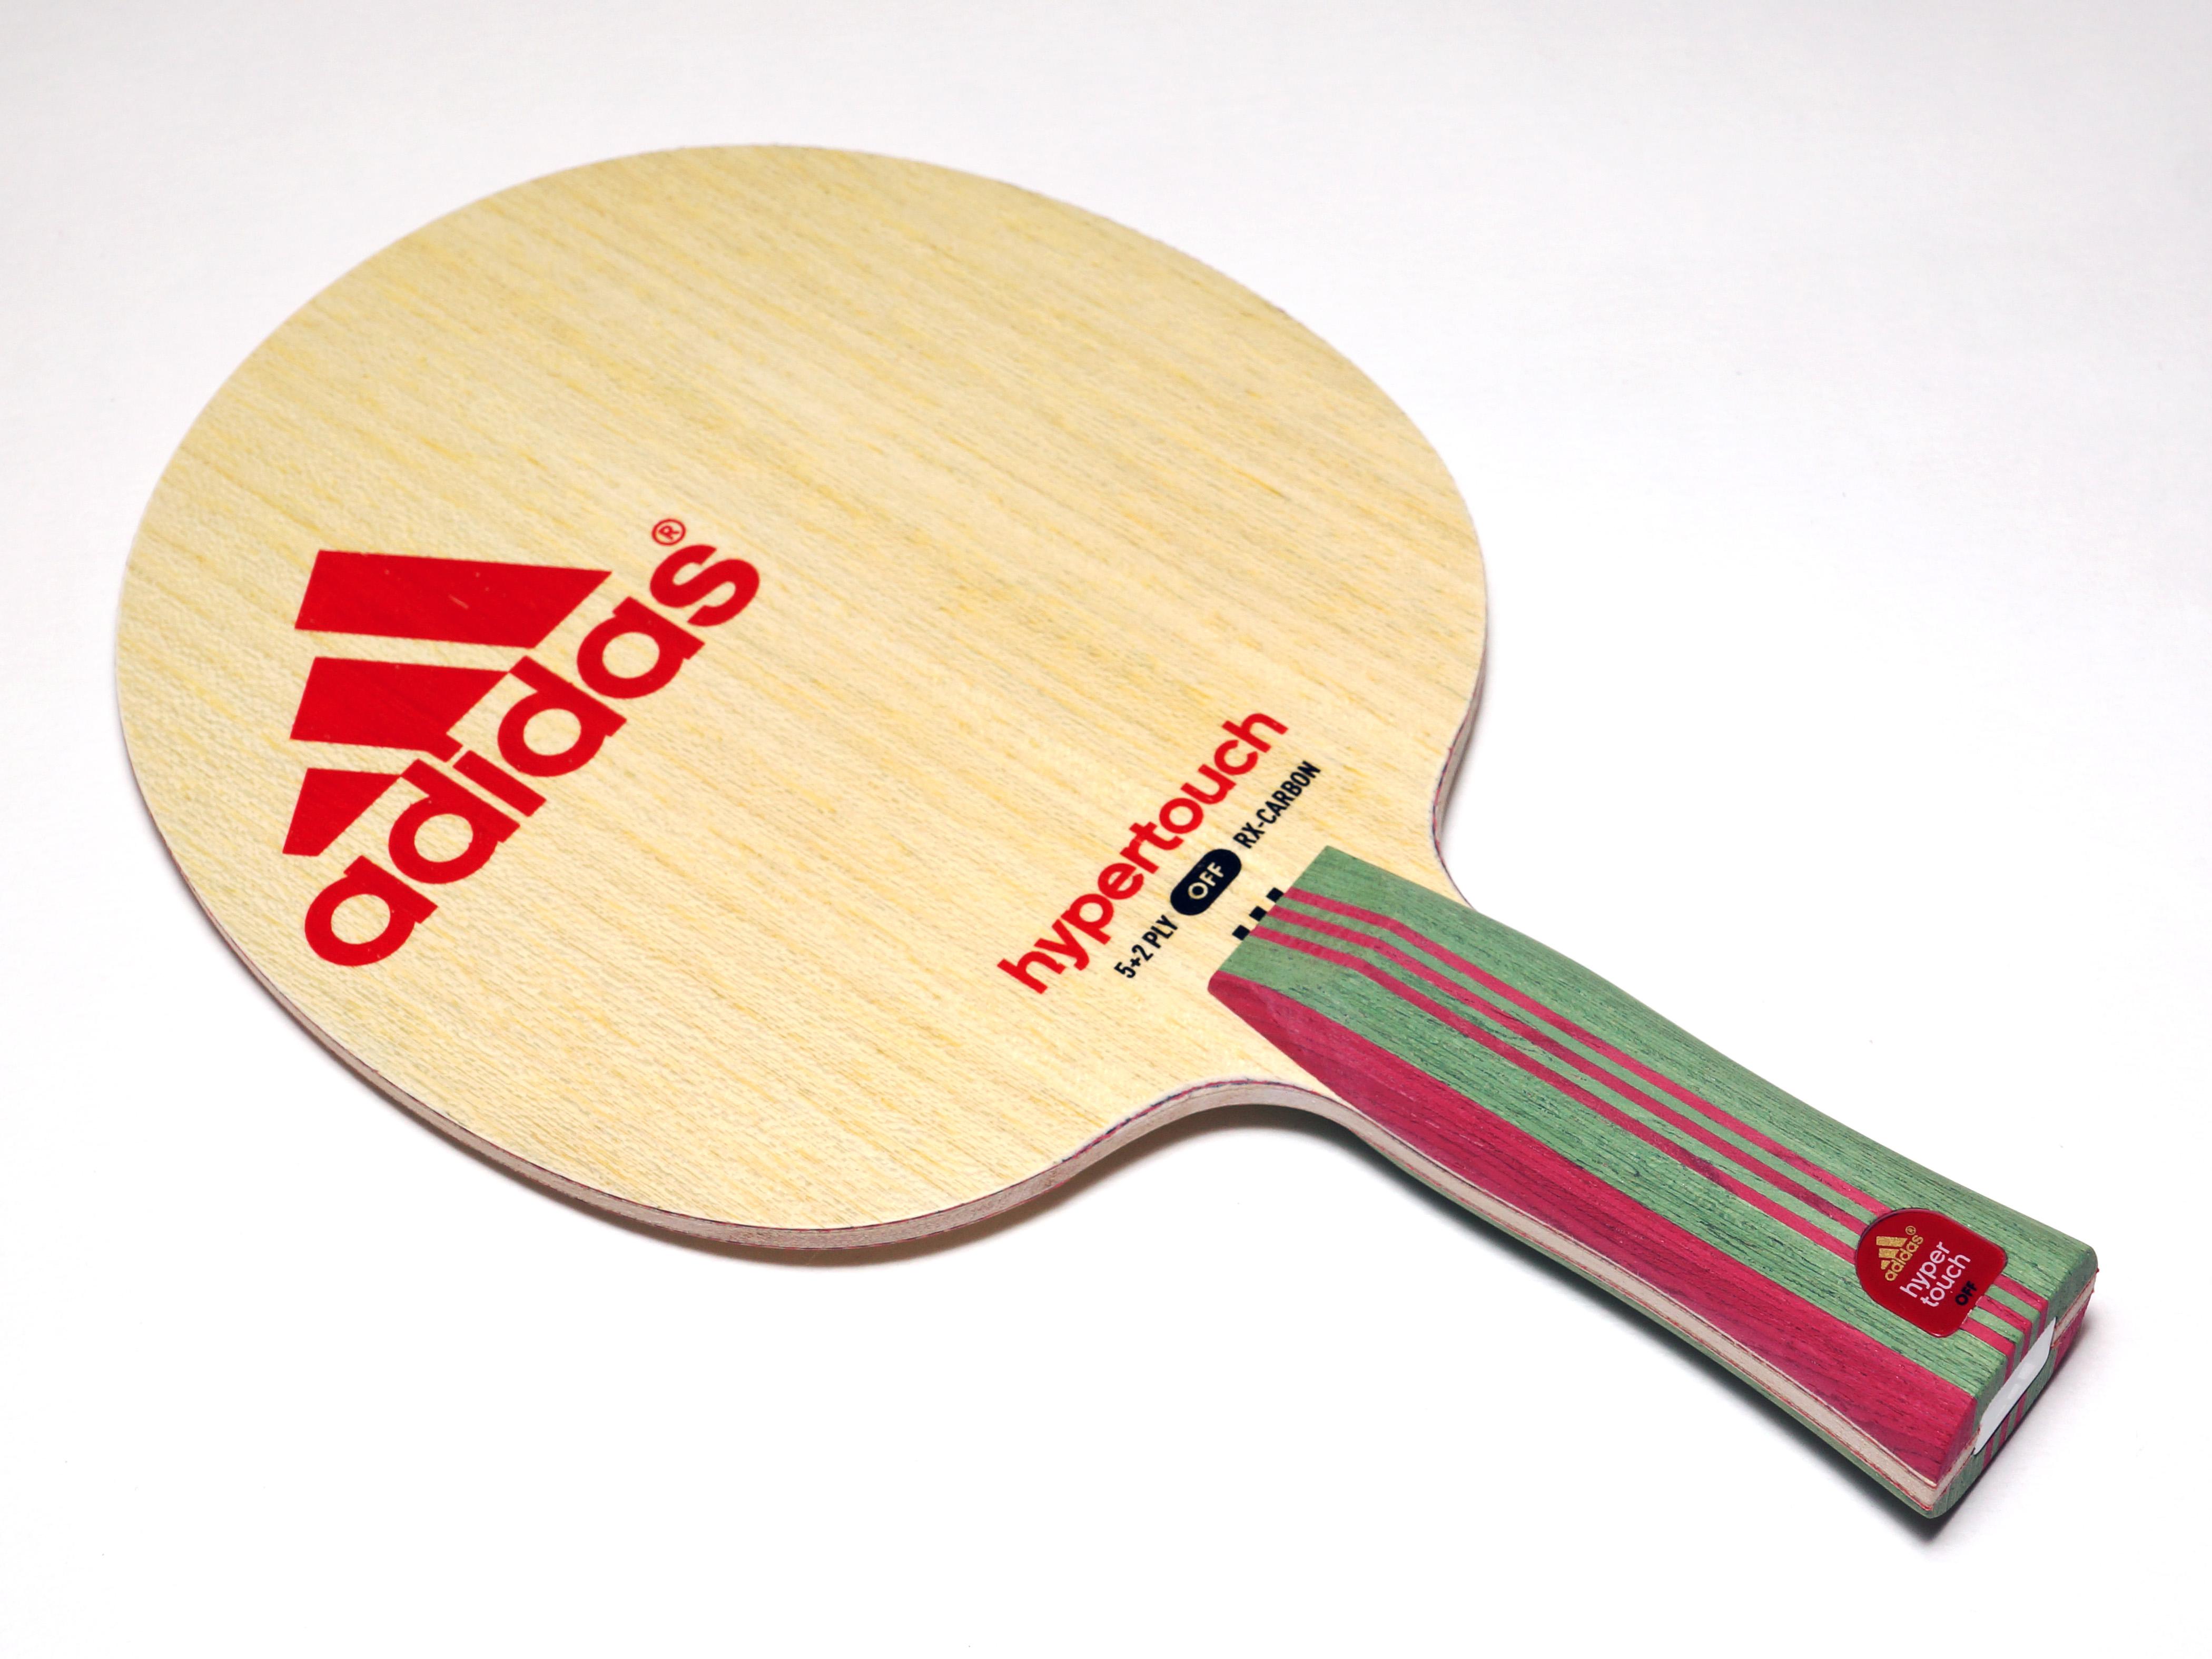 Adidas Hypertouch - Tischtennis Holz